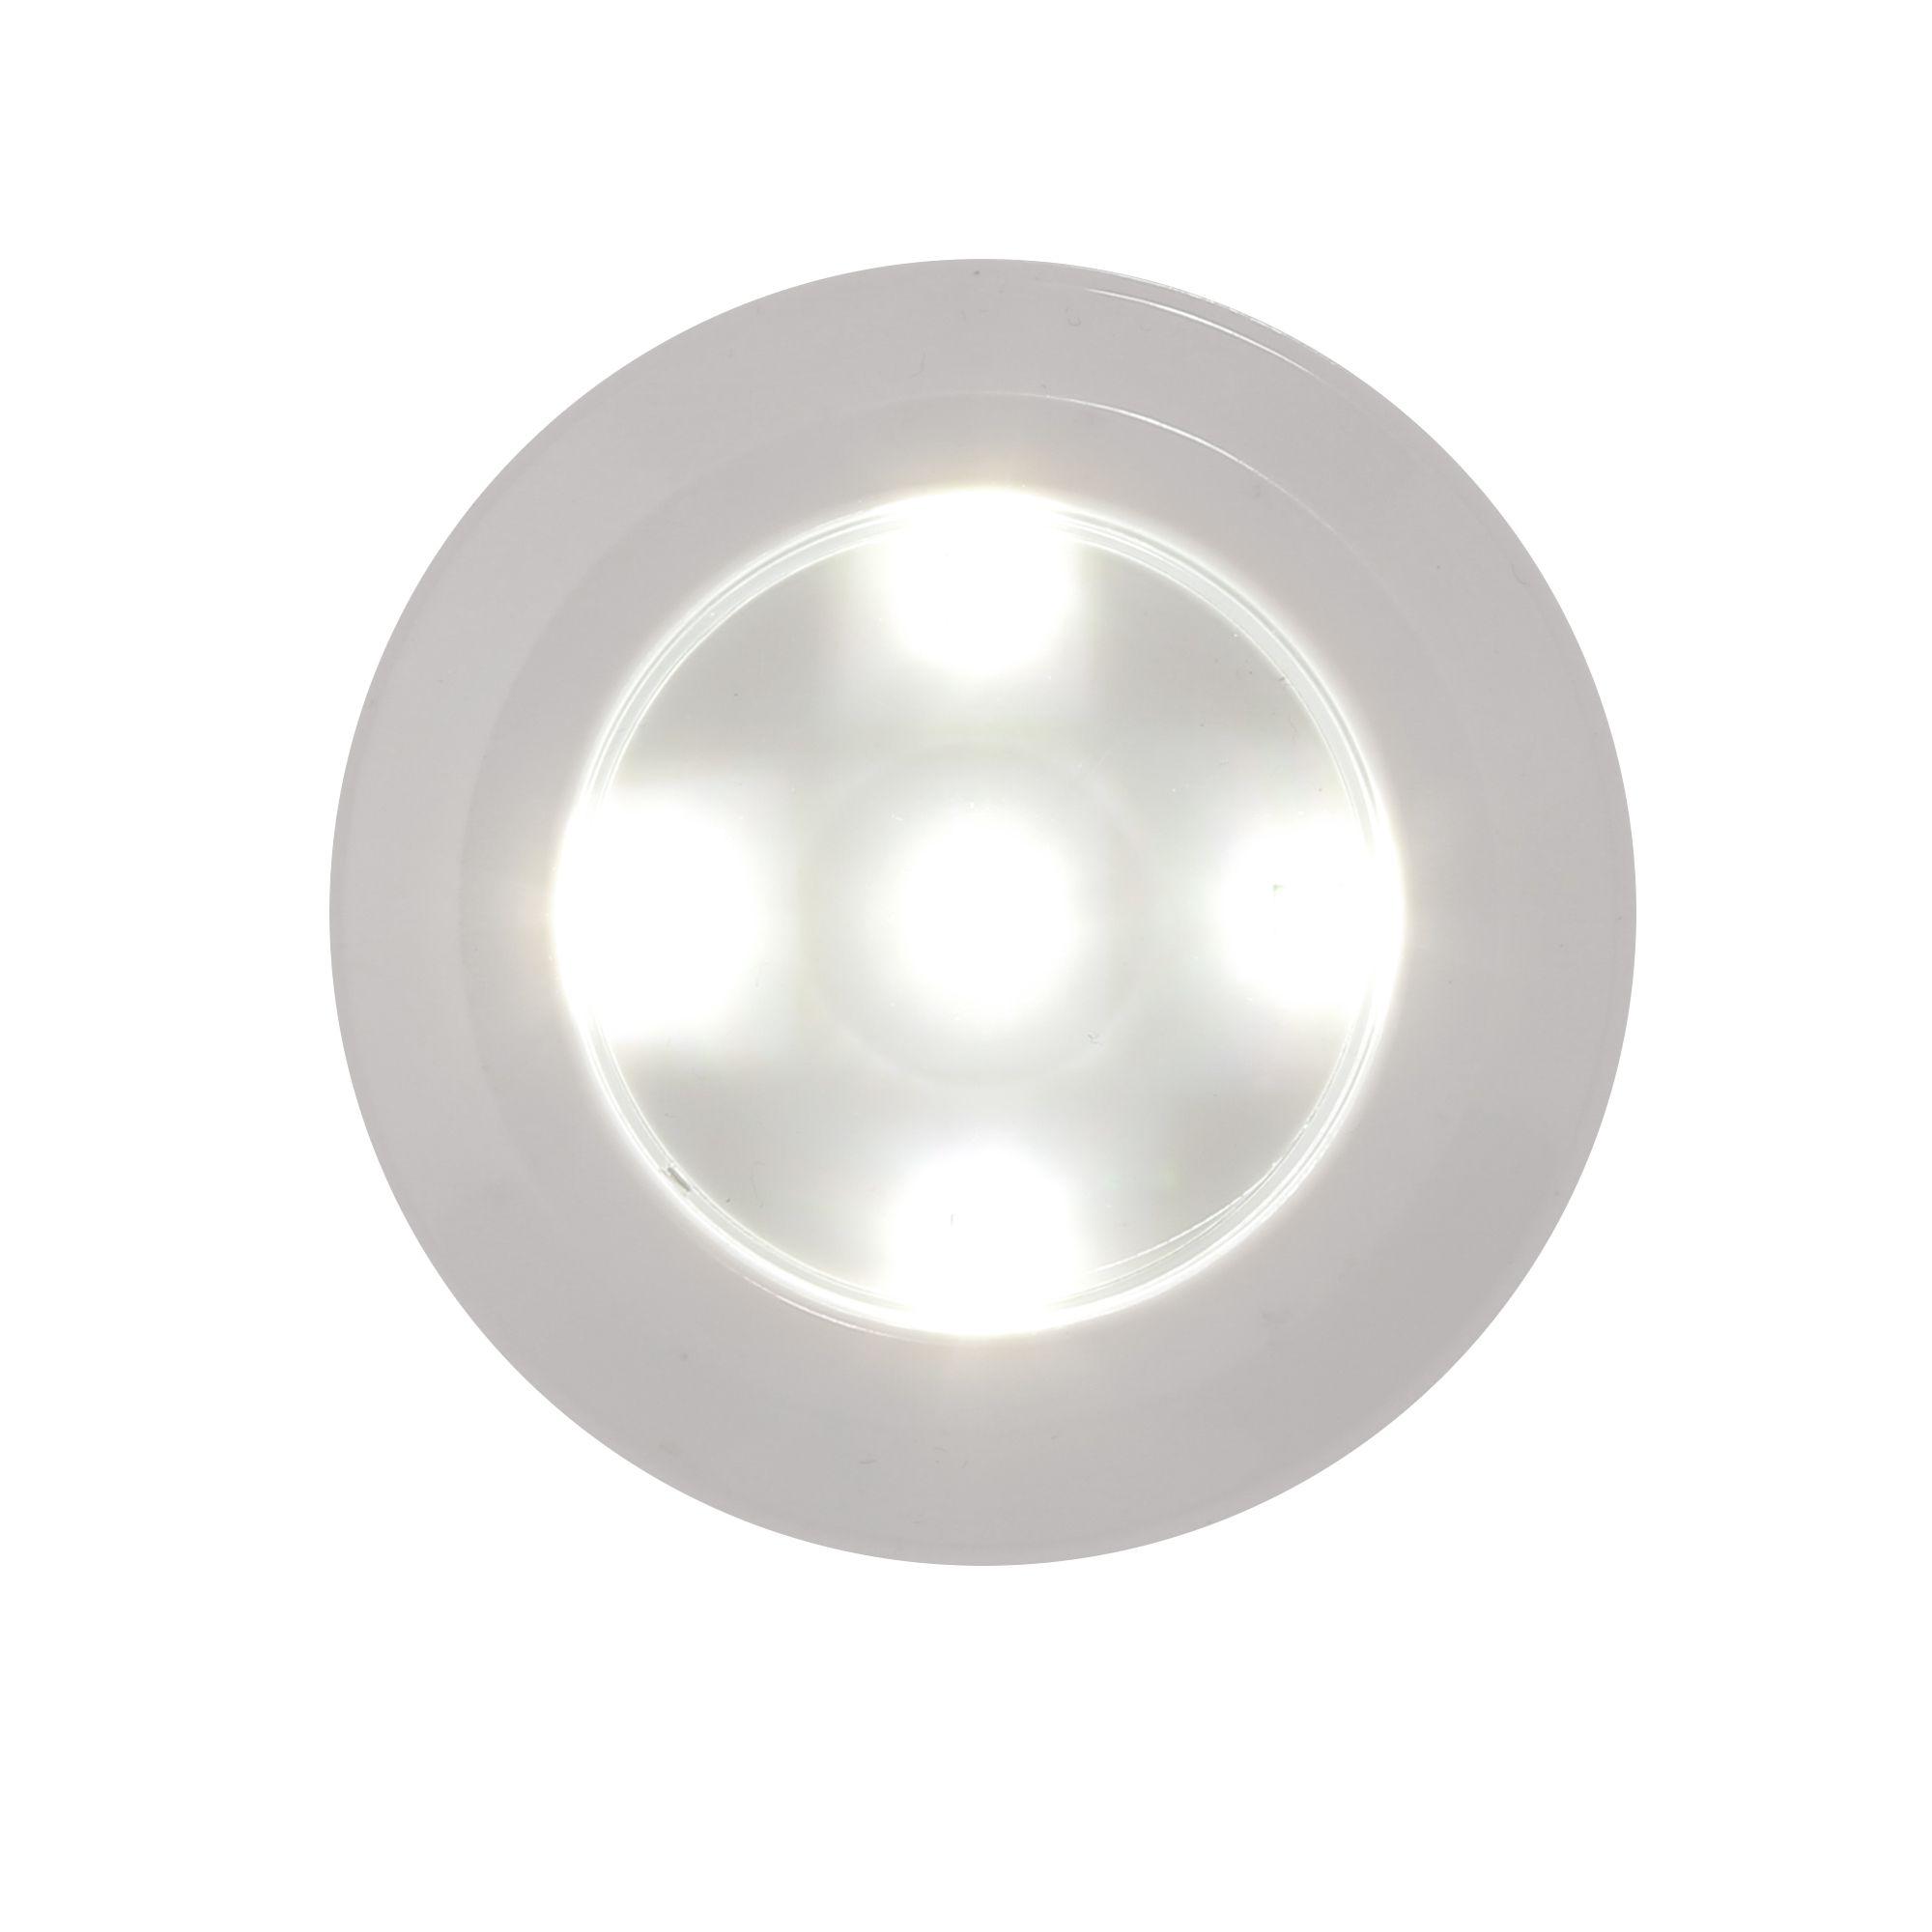 841838 Luxus Led Leuchten Mit Batterie Und Fernbedienung Dekorationen